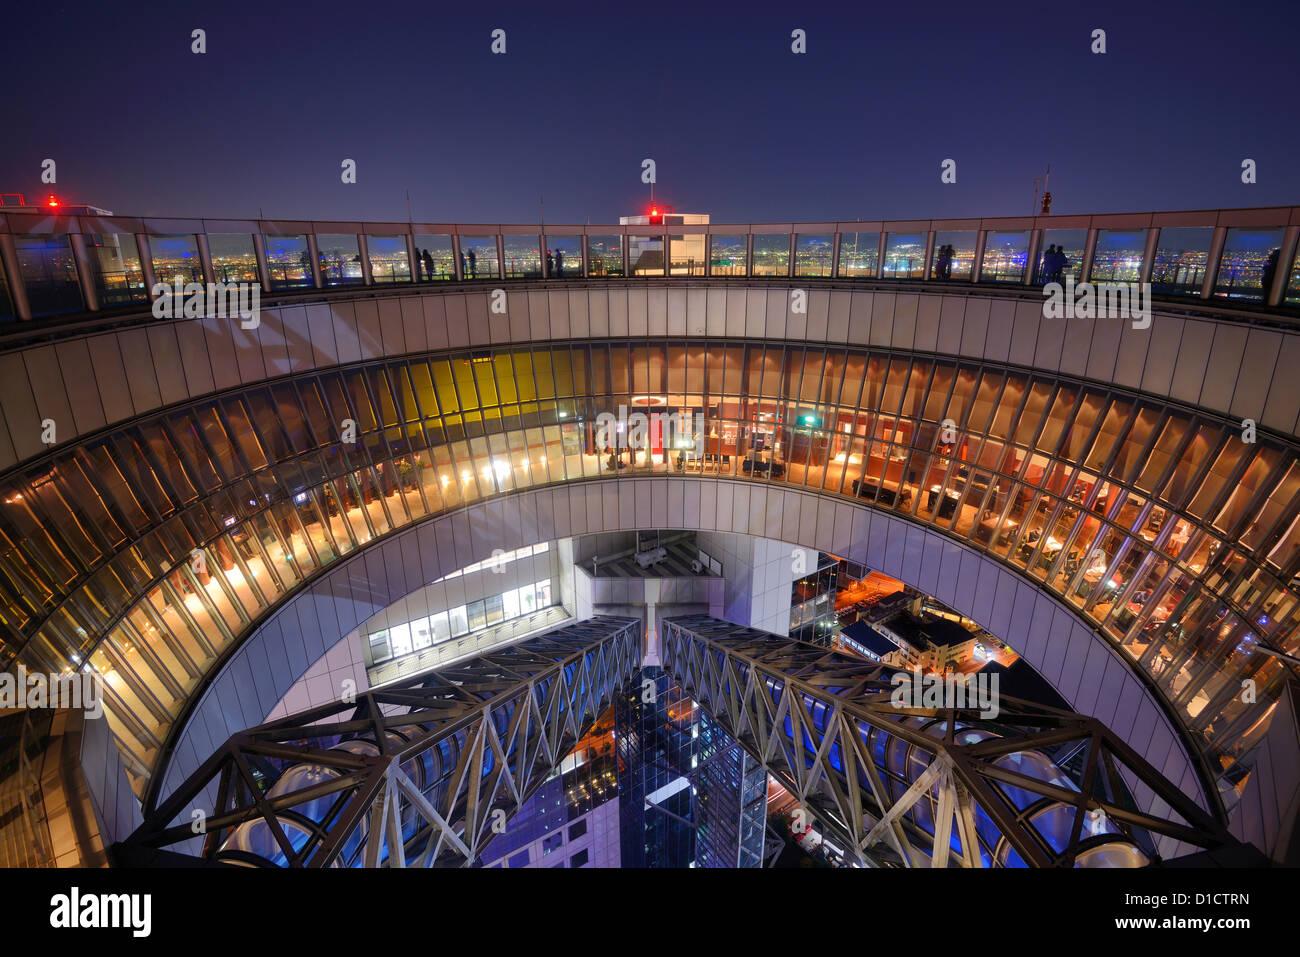 Observation deck on Umeda Sky Building in Osaka, Japan. - Stock Image